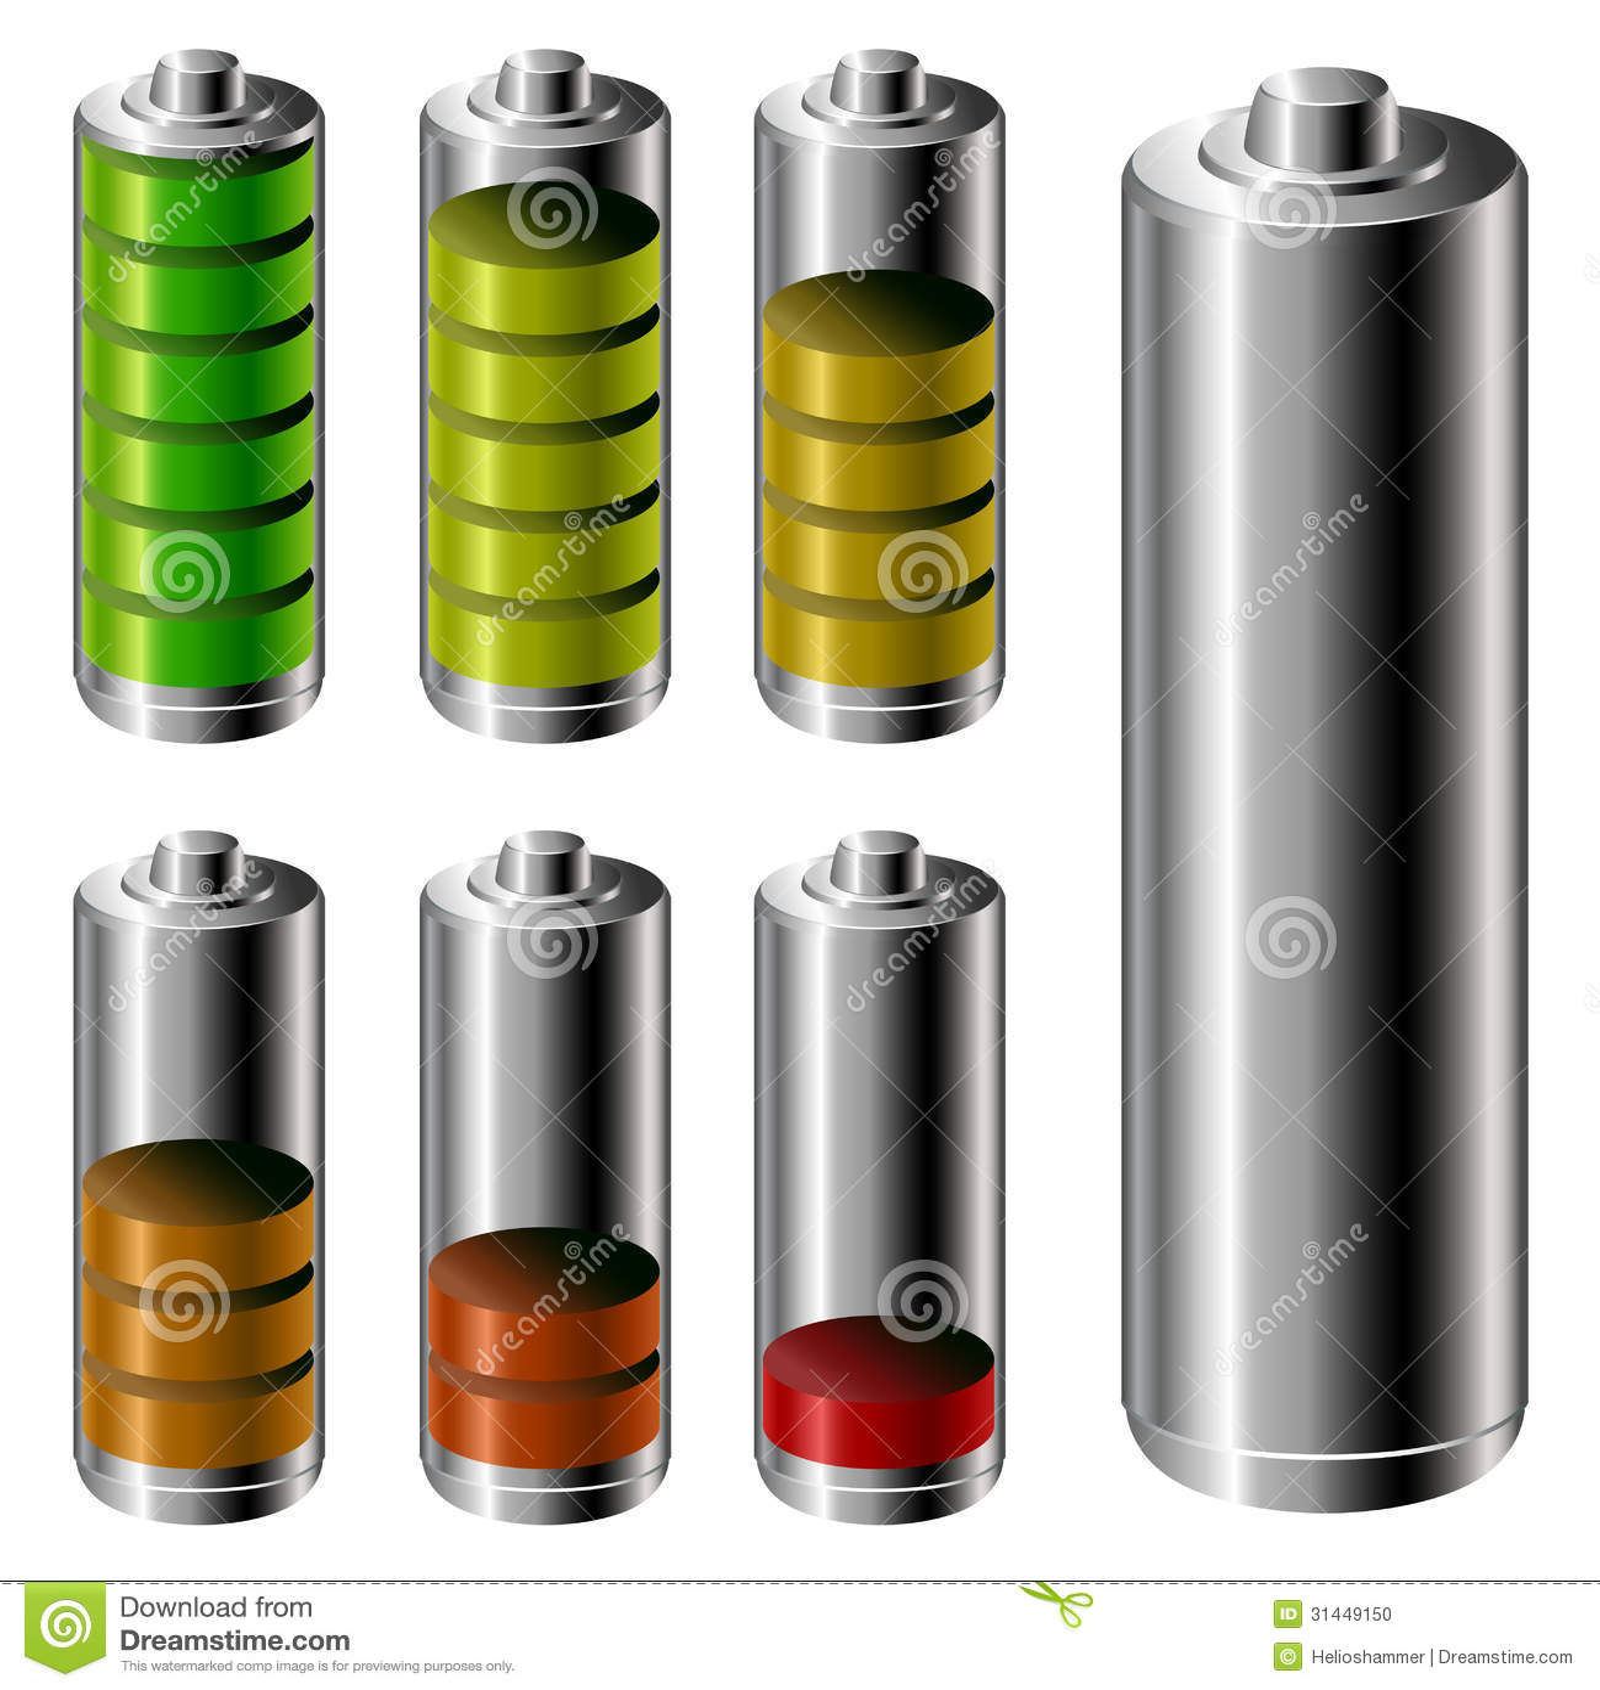 Windows 8 1 Set Battery Charge Level : Battery charge level set stock photo image